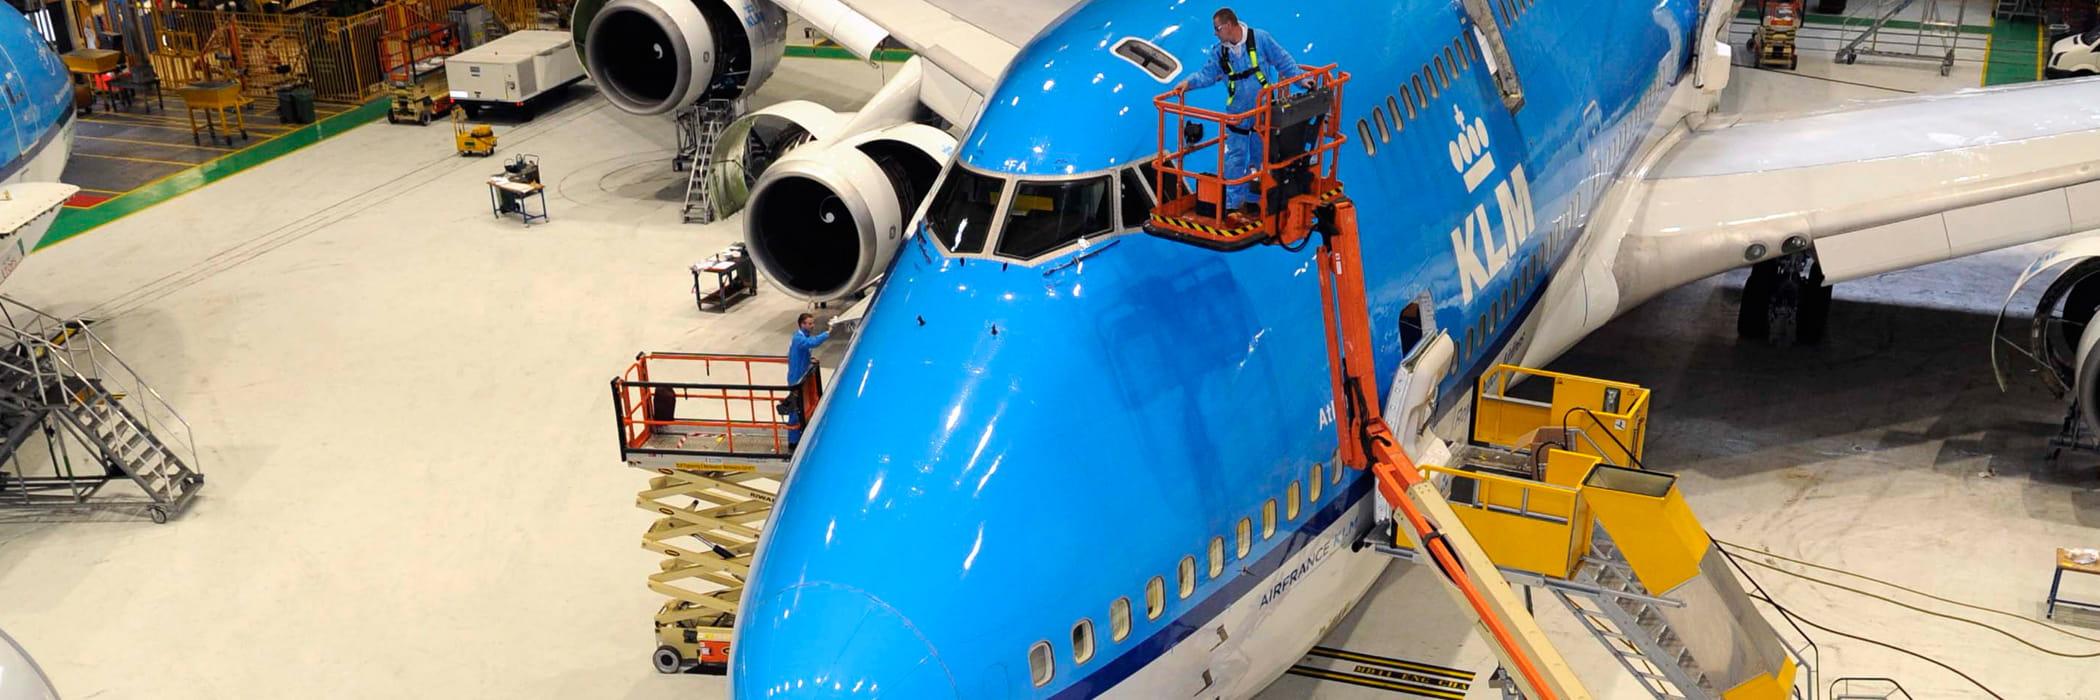 Aerial Work Platform | Boom Lift | JLG Boom Lift | Riwal solution case | KLM solution | Riwal